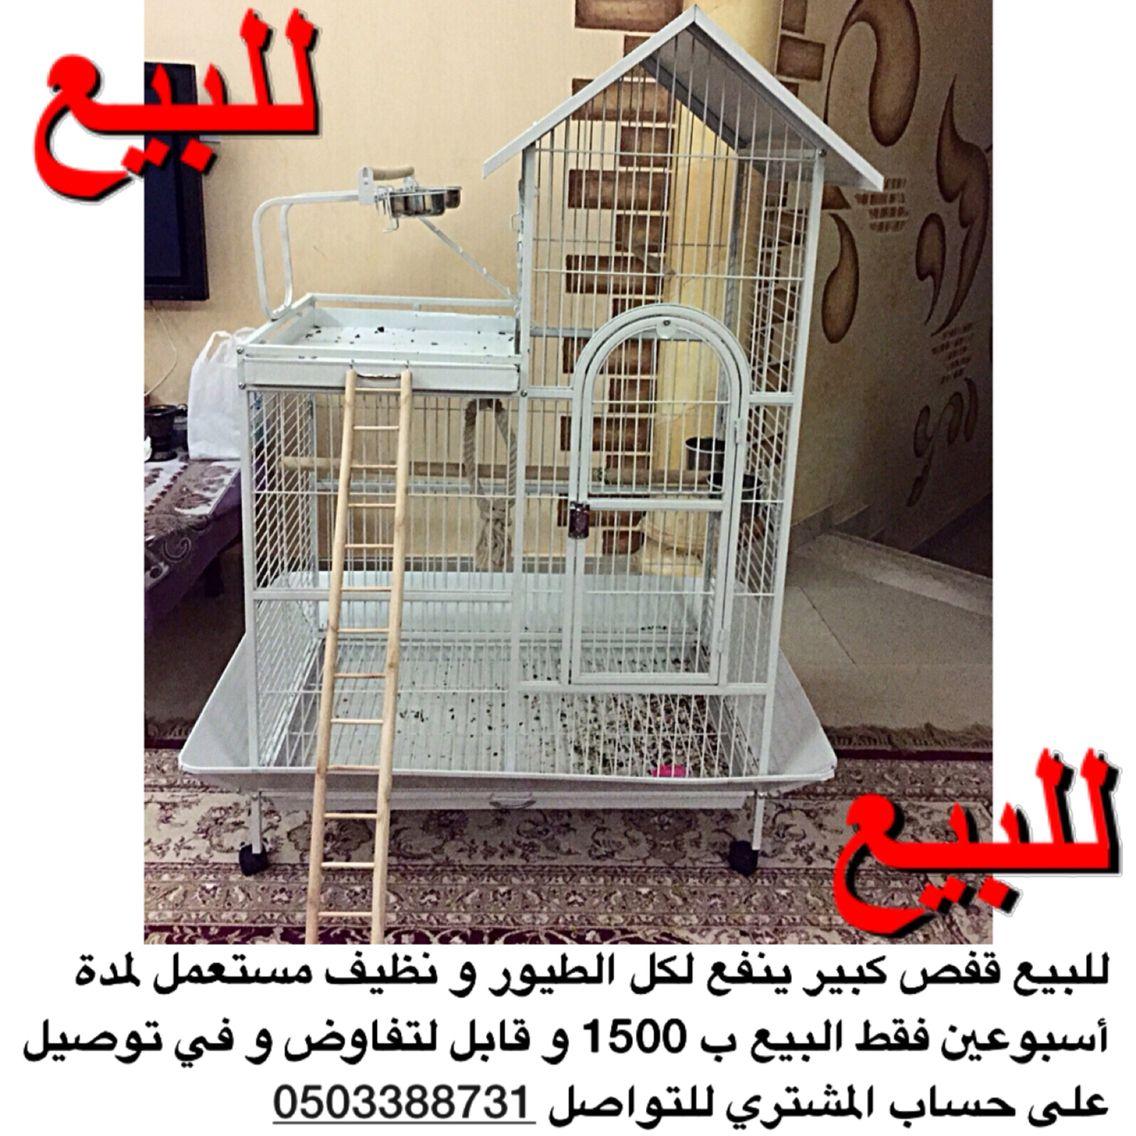 للبيع قفص كبير ينفع لكل الطيور و نظيف مستعمل لمدة أسبوعين فقط البيع ب 1500 و قابل لتفاوض و في توصيل على حساب المشتري للتواصل 050338873 Home Decor Decor Storage